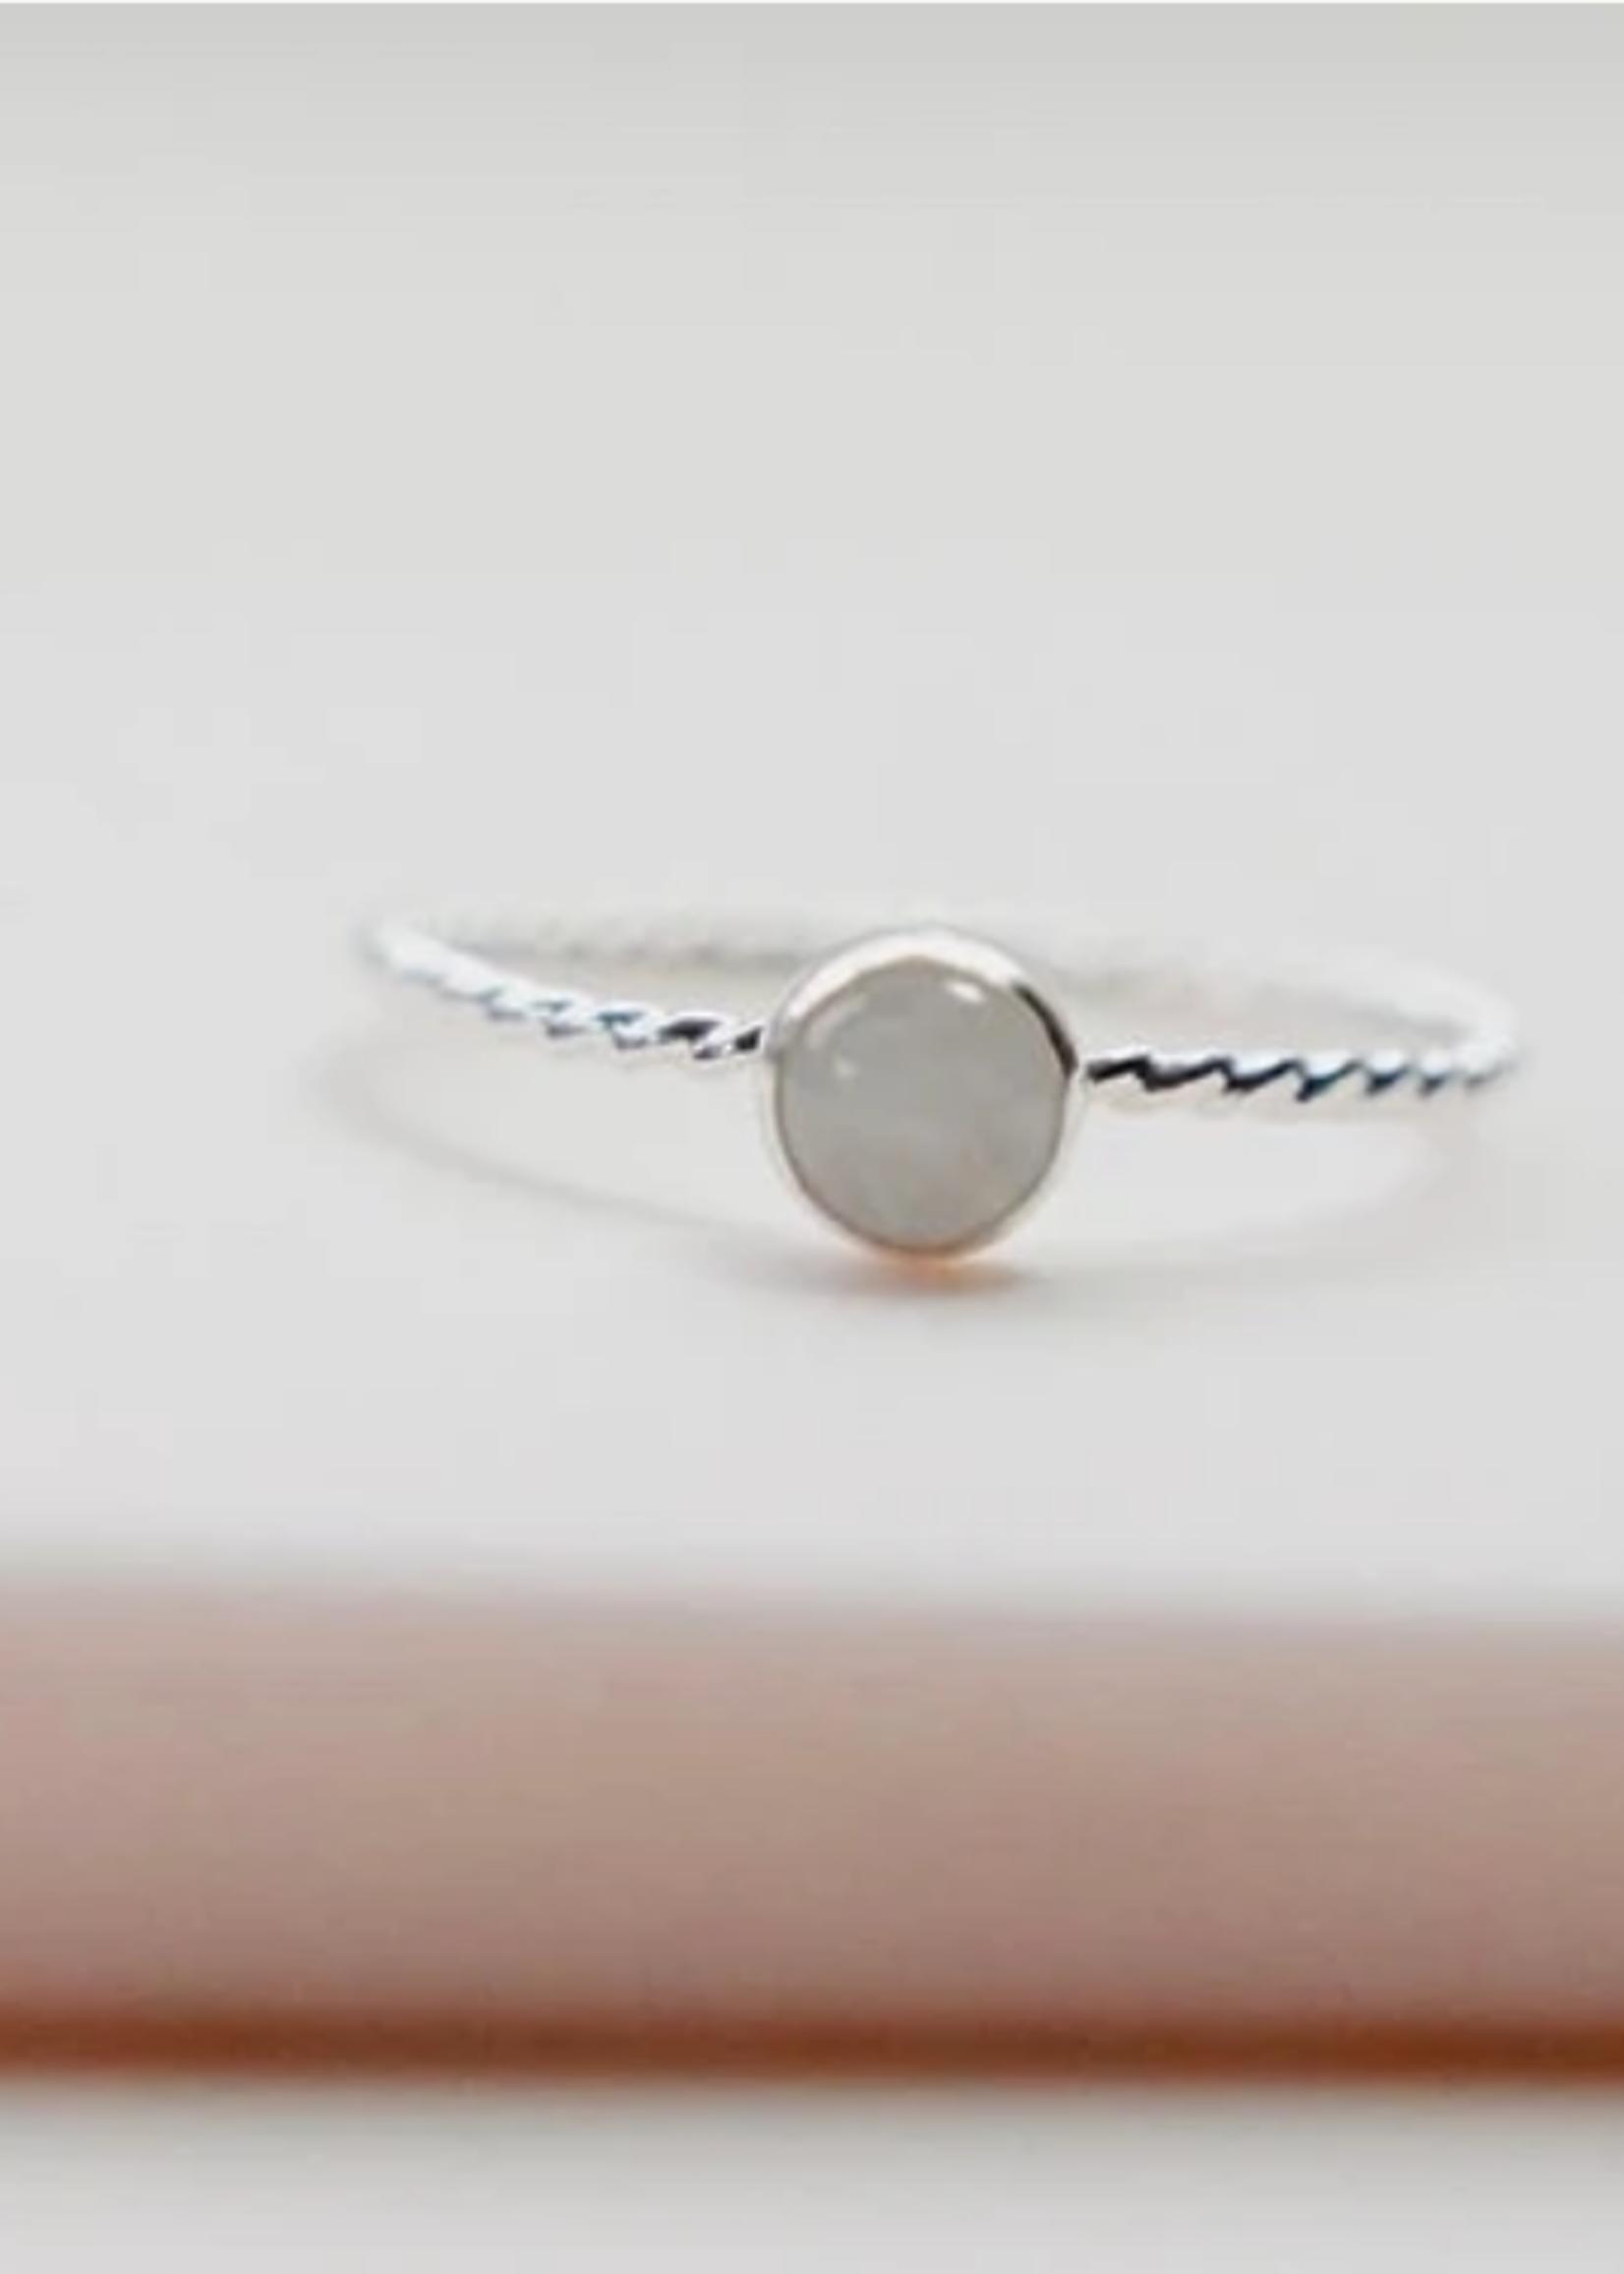 Devi Gold Onyx Gemstone Ring